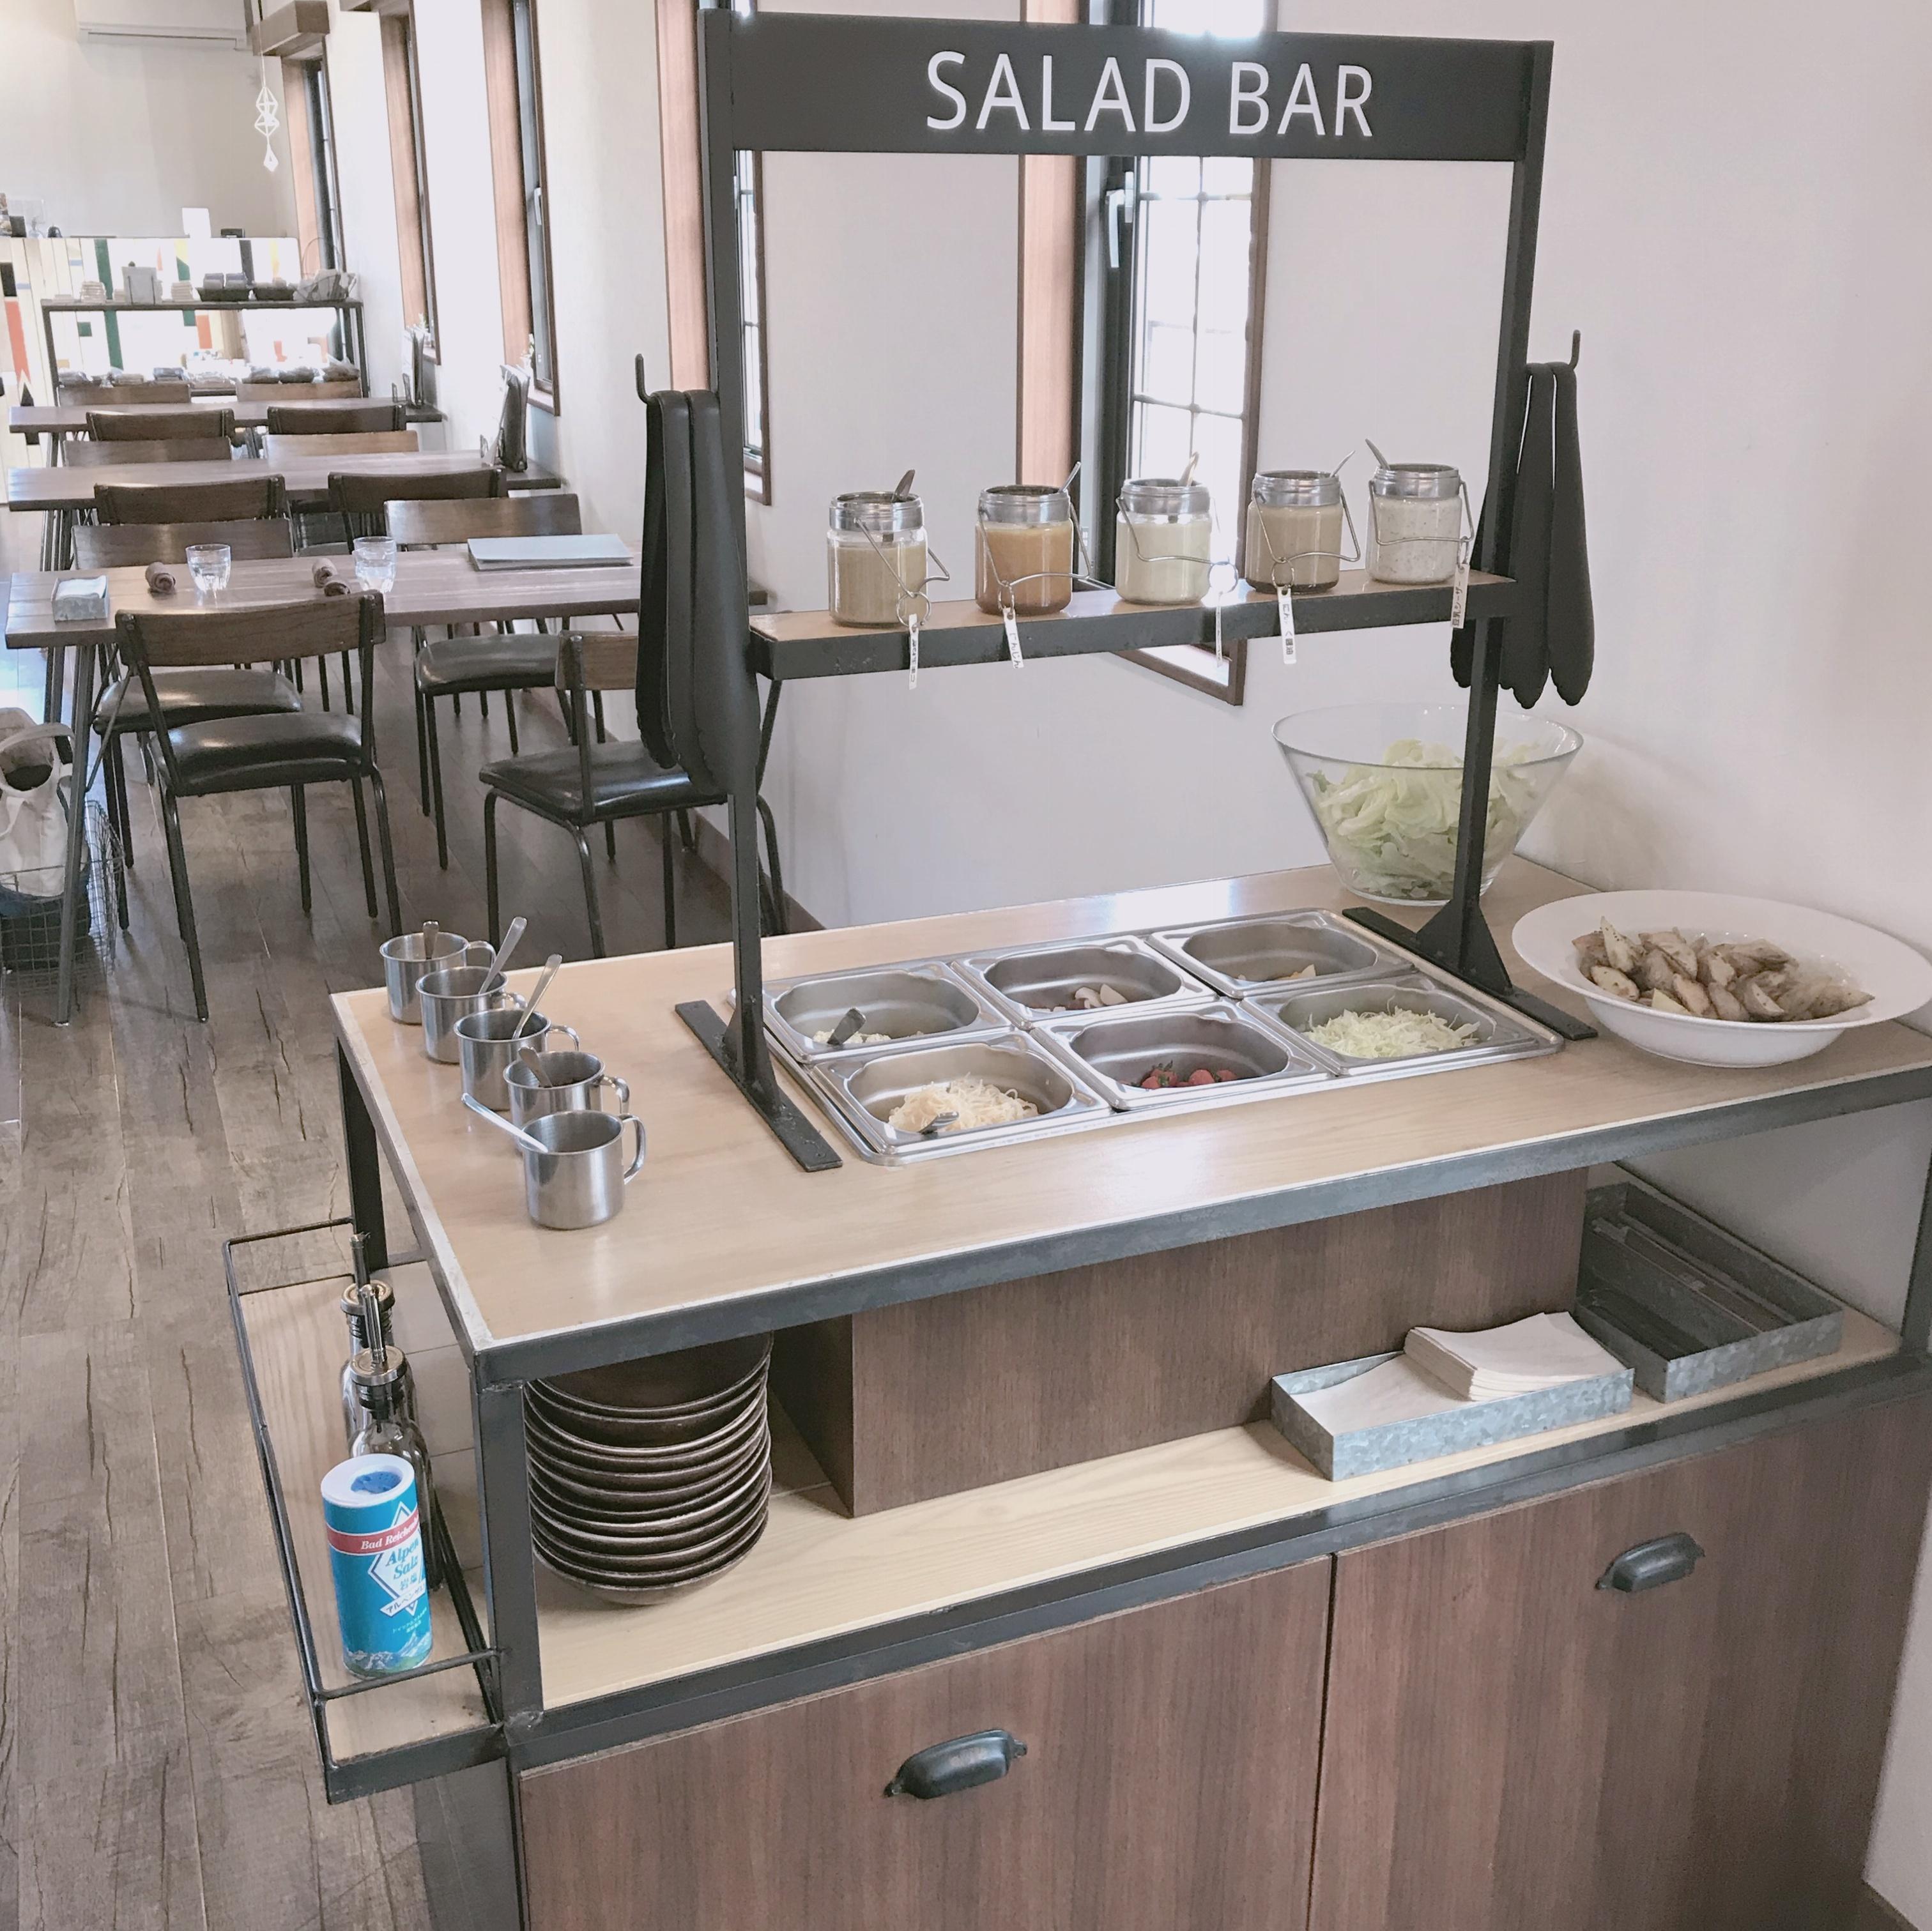 ご当地カフェ❤︎木更津に行ったら絶対行くべきカフェ3選を紹介します!_9